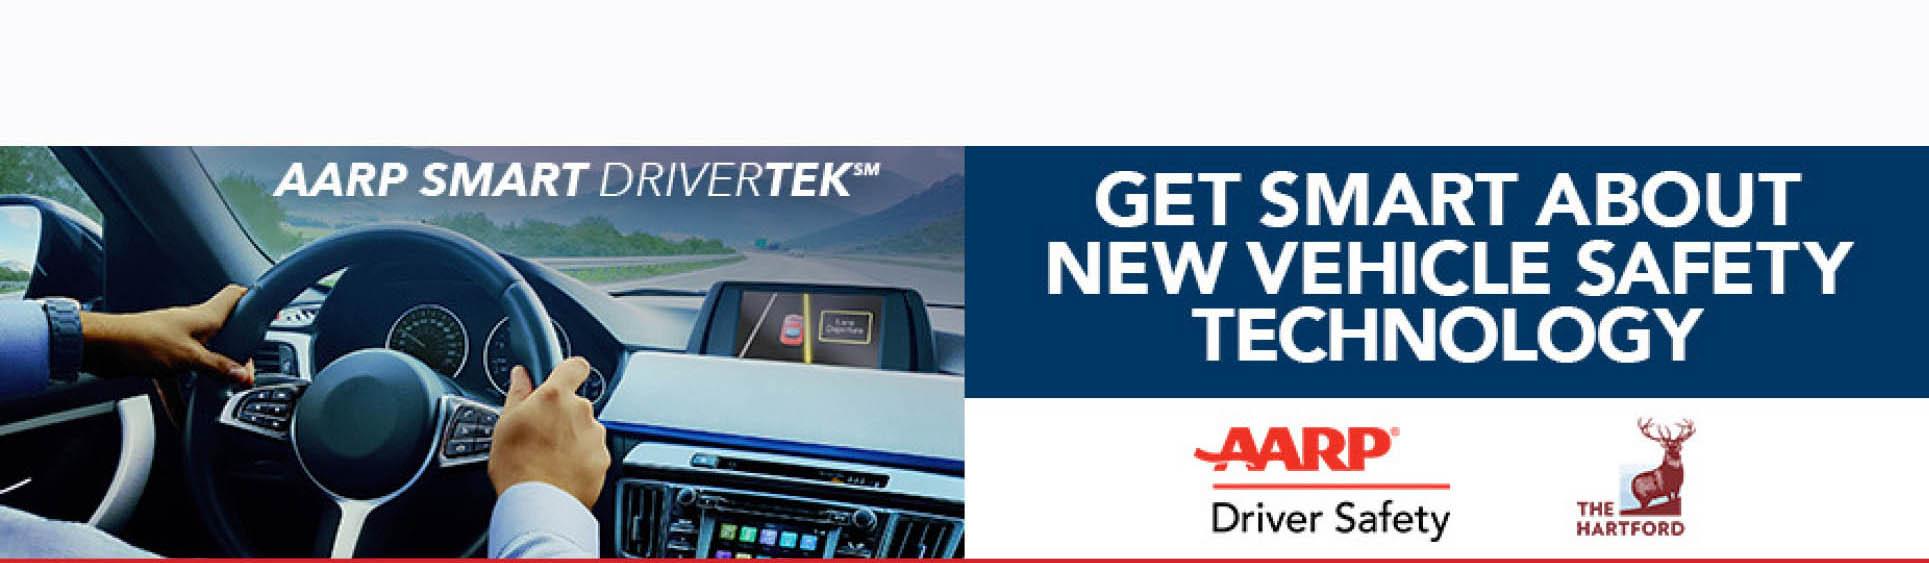 AARP Smart DriverTEK - Peachtree City, GA - 10/03/2019, 10:00 AM